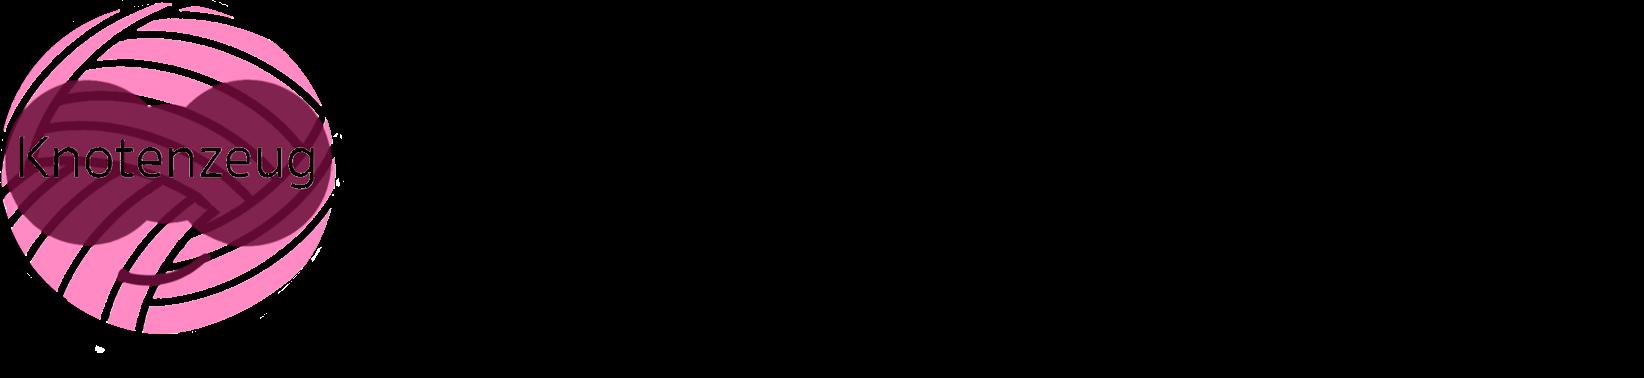 Knotenzeug